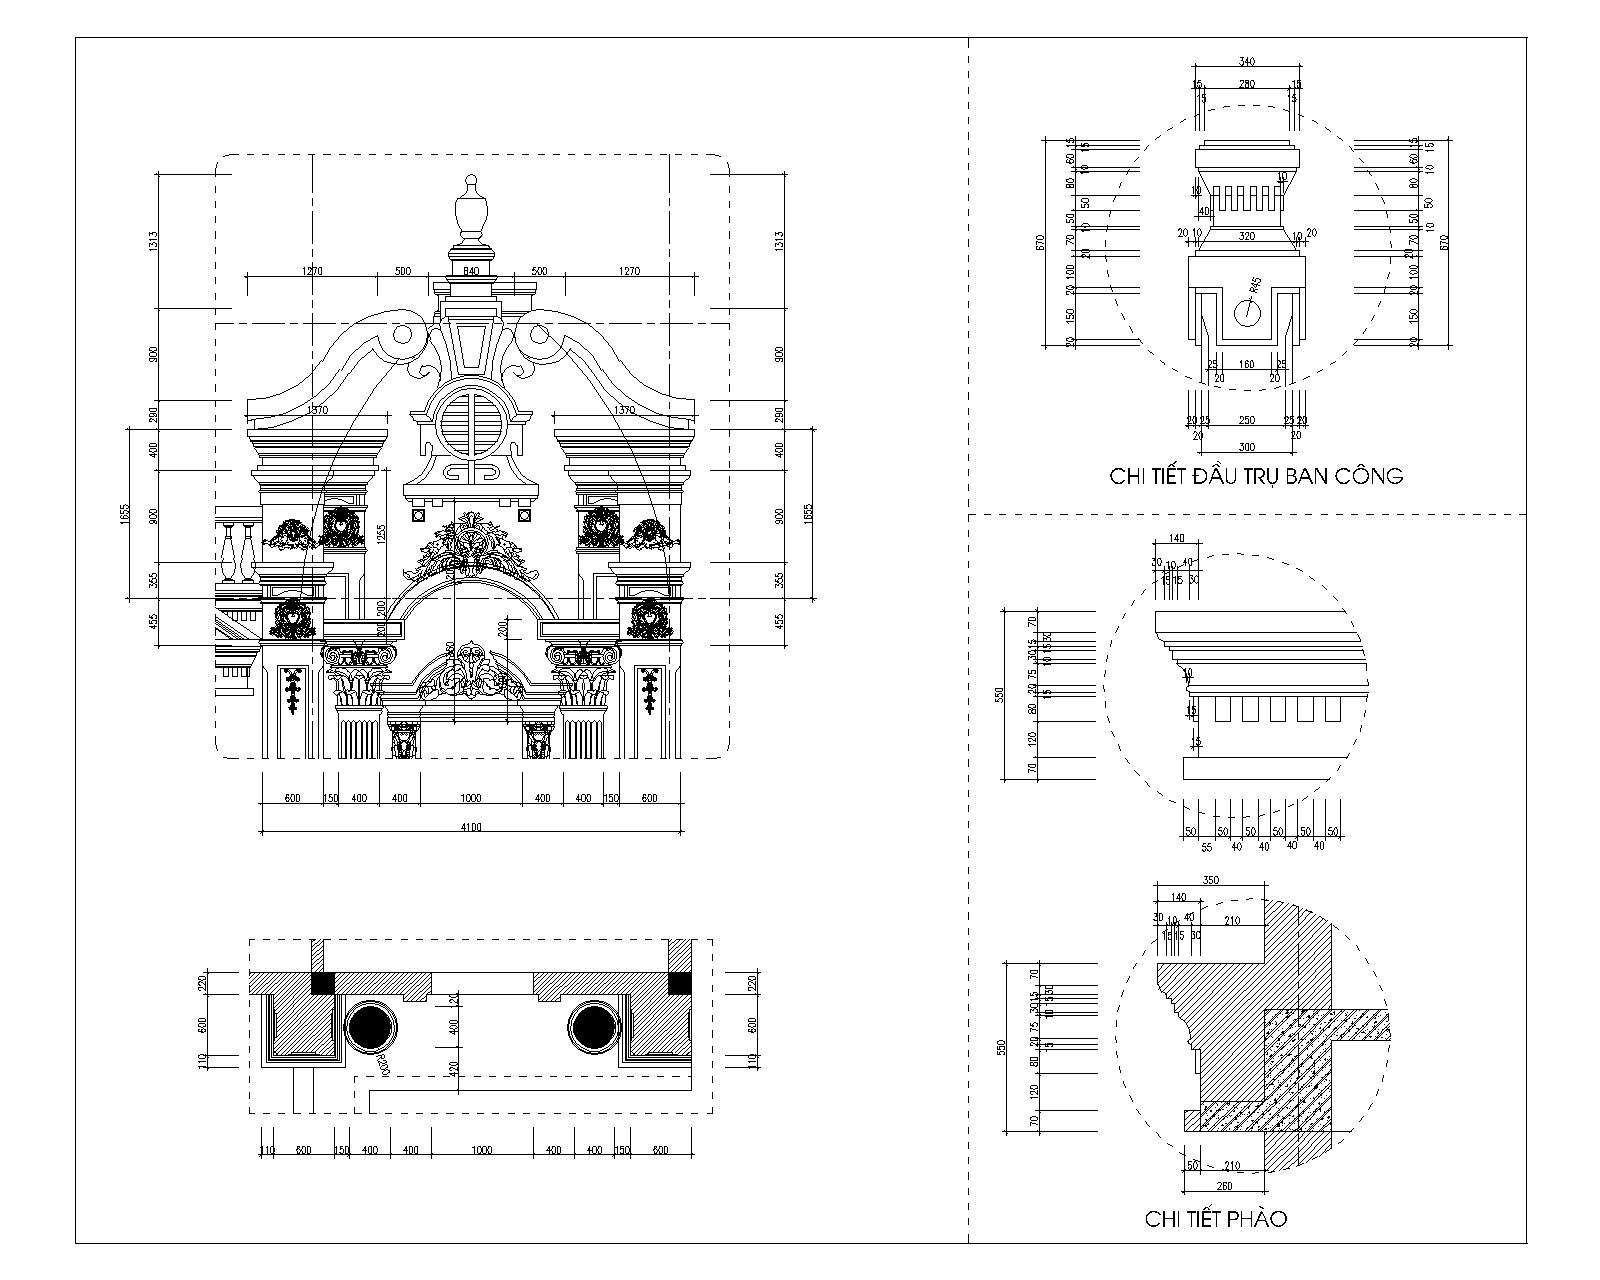 Chi tiết trang trí phần đỉnh tường- hình 2